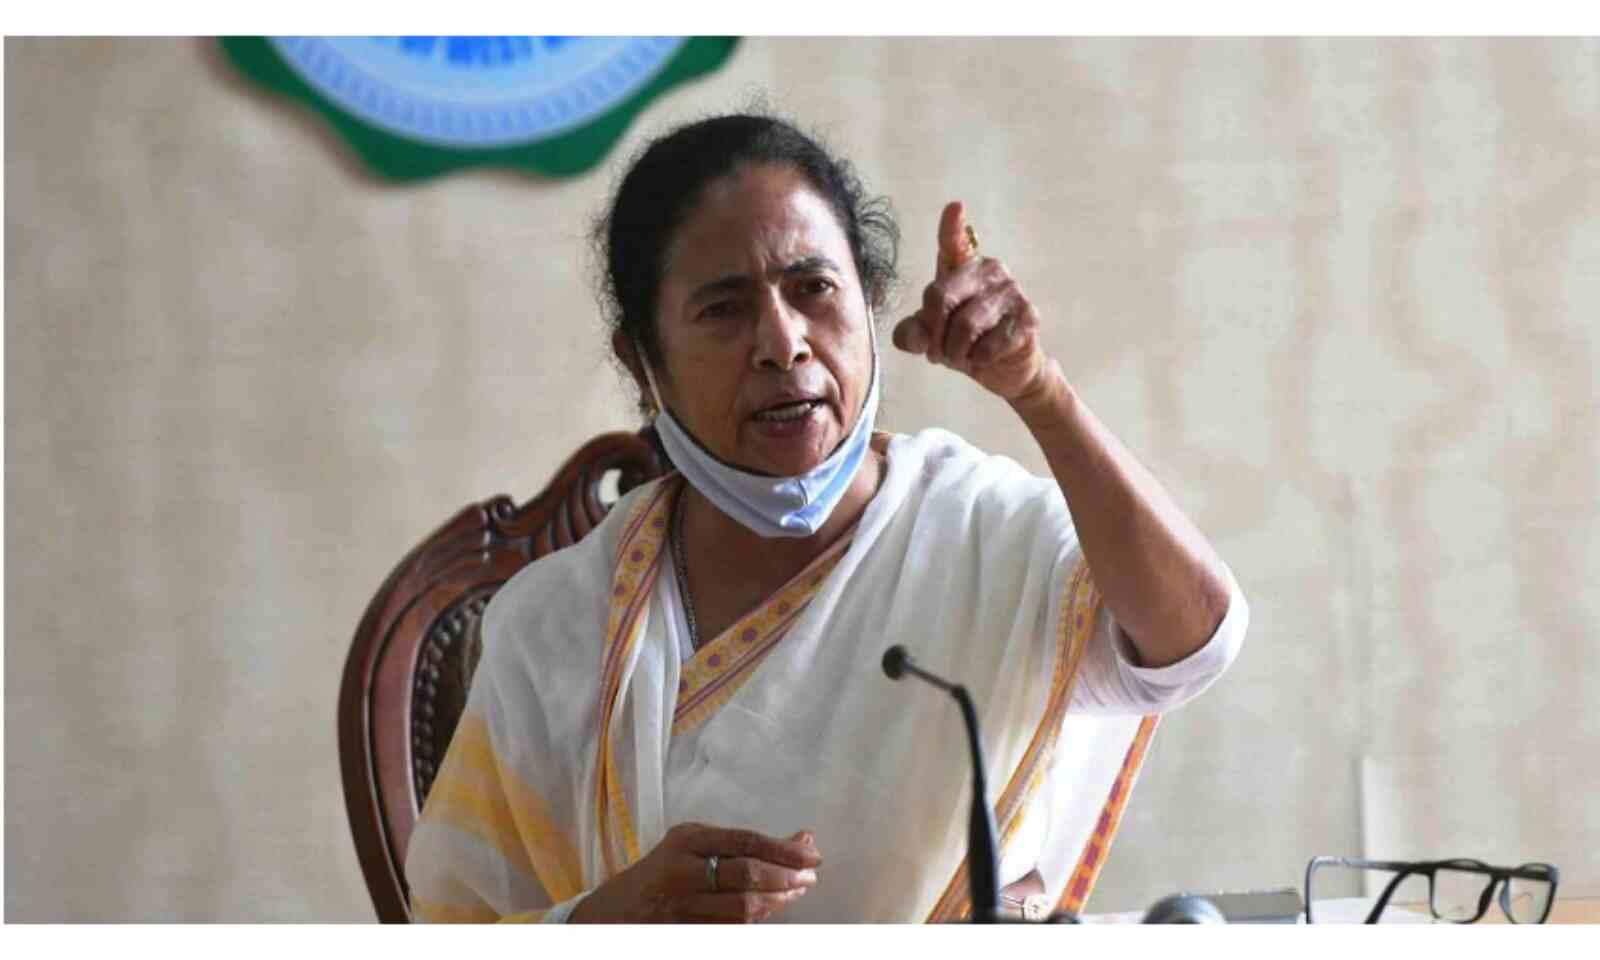 मुख्यमंत्री ममता बनर्जी ने प्रधानमंत्री से मुख्य सचिव को बुलाने का आदेश रद्द करने का अनुरोध किया